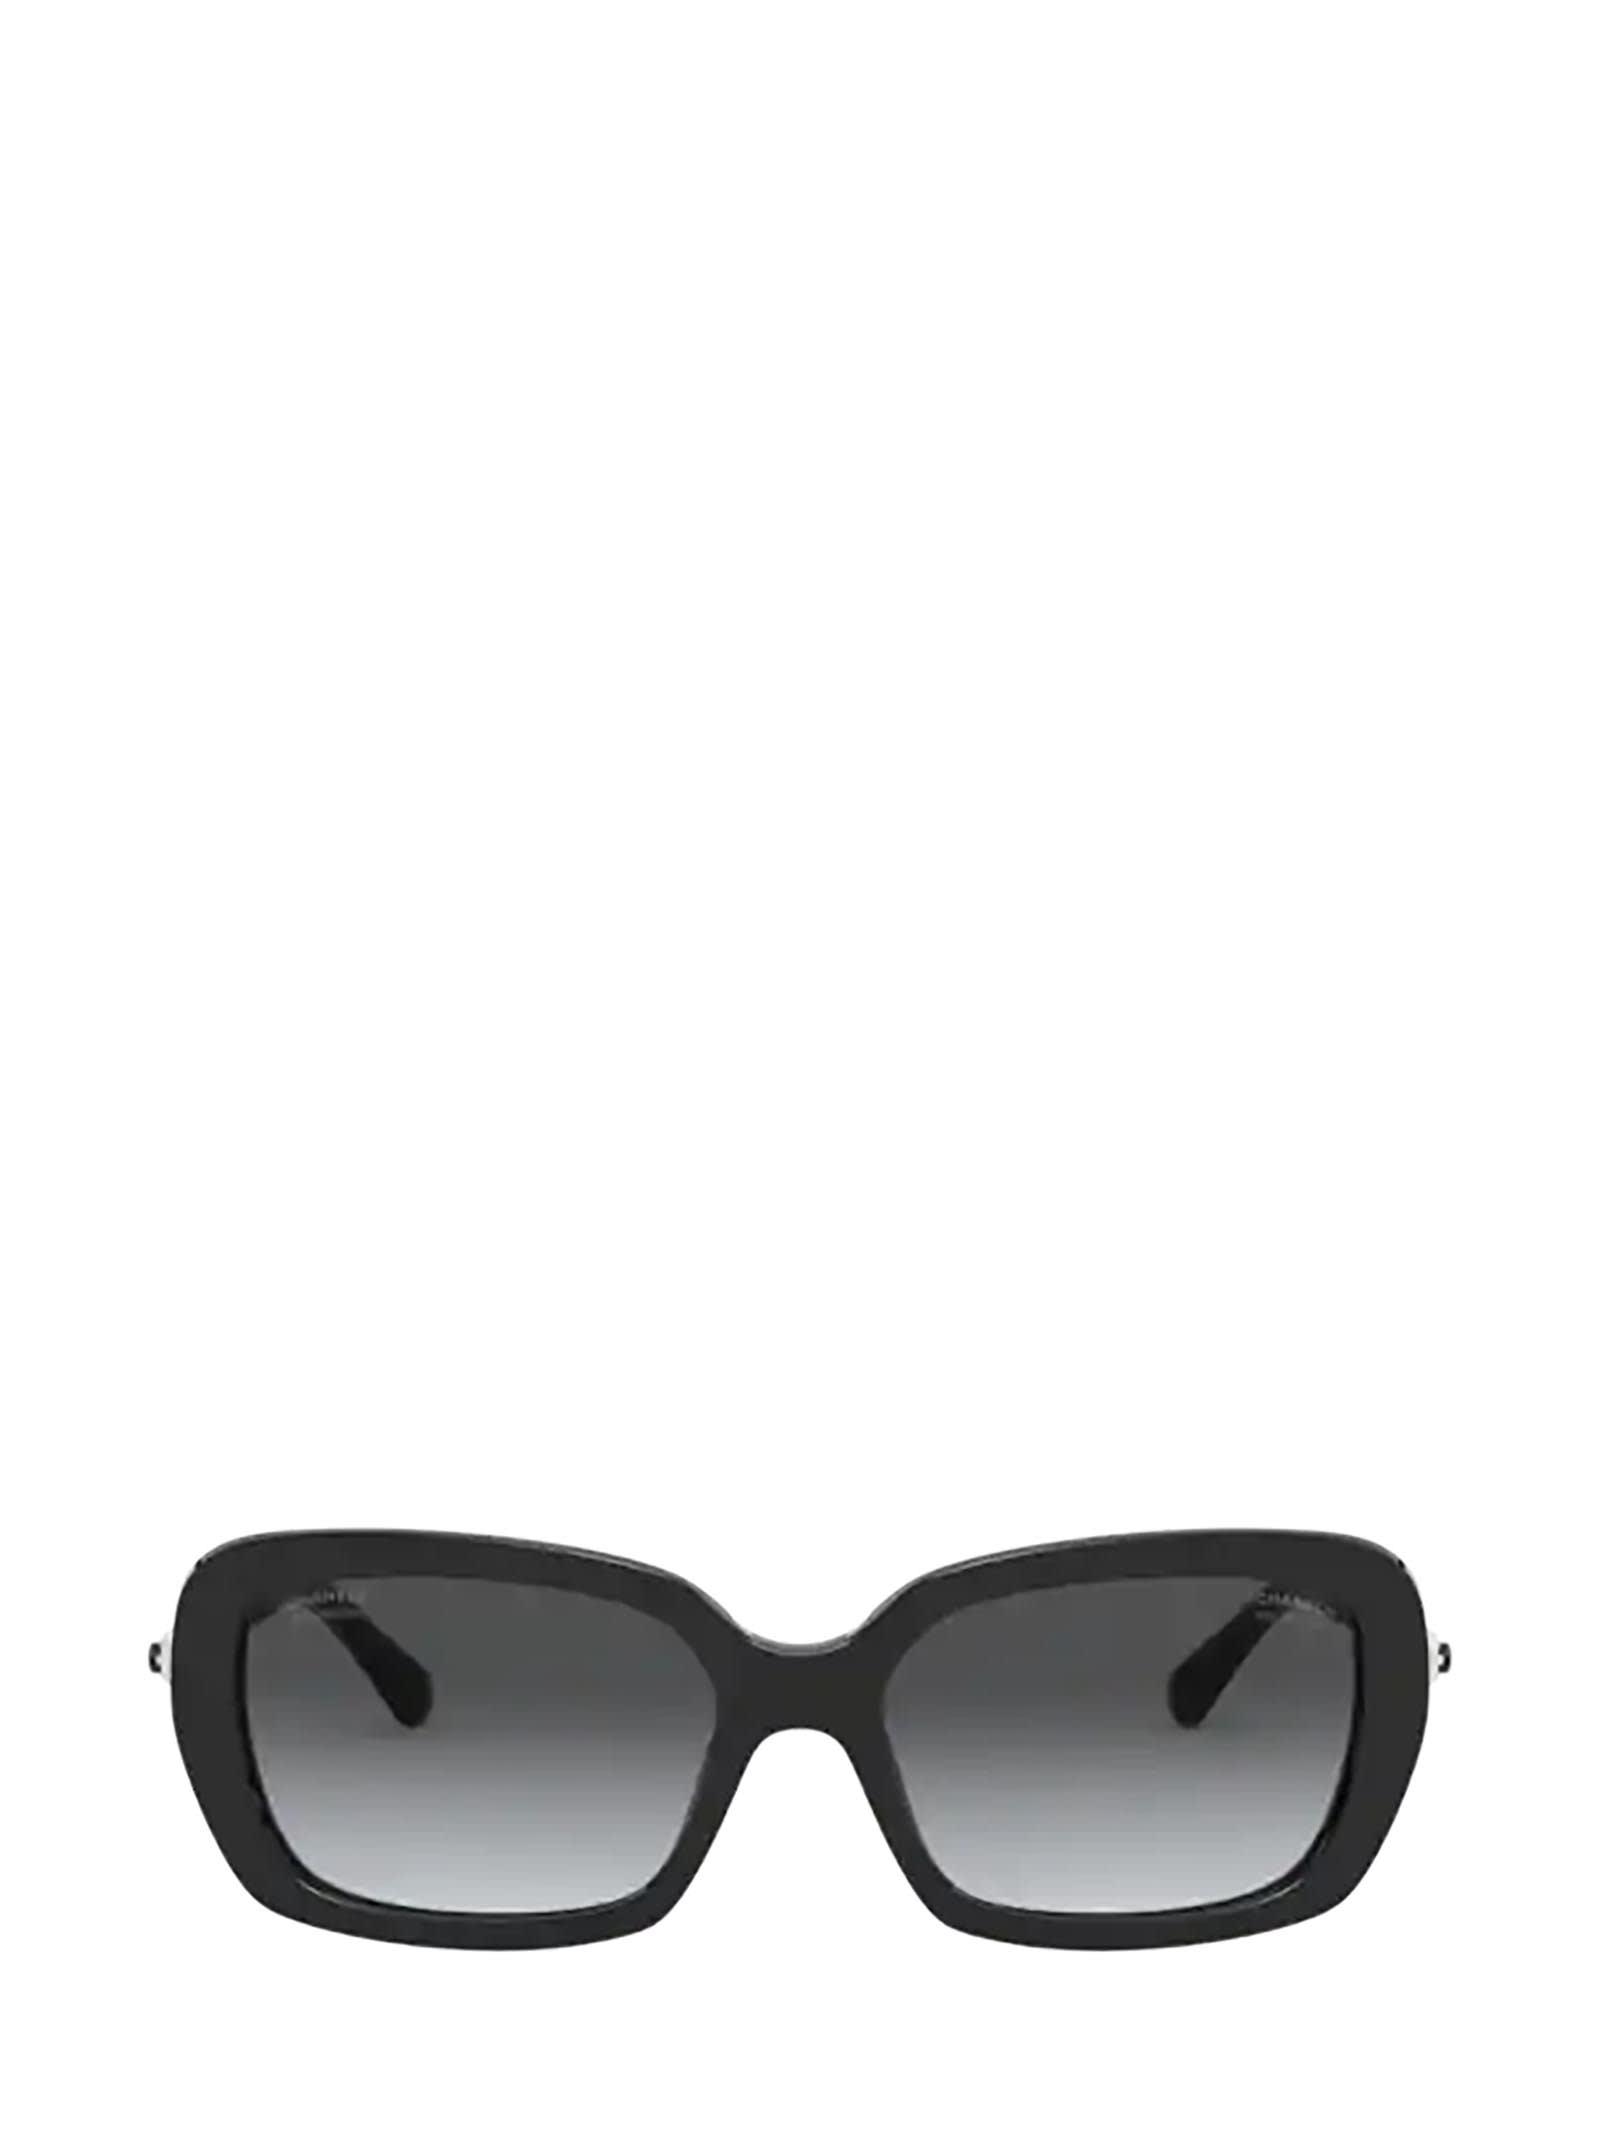 Chanel Chanel Ch5427h Black Sunglasses